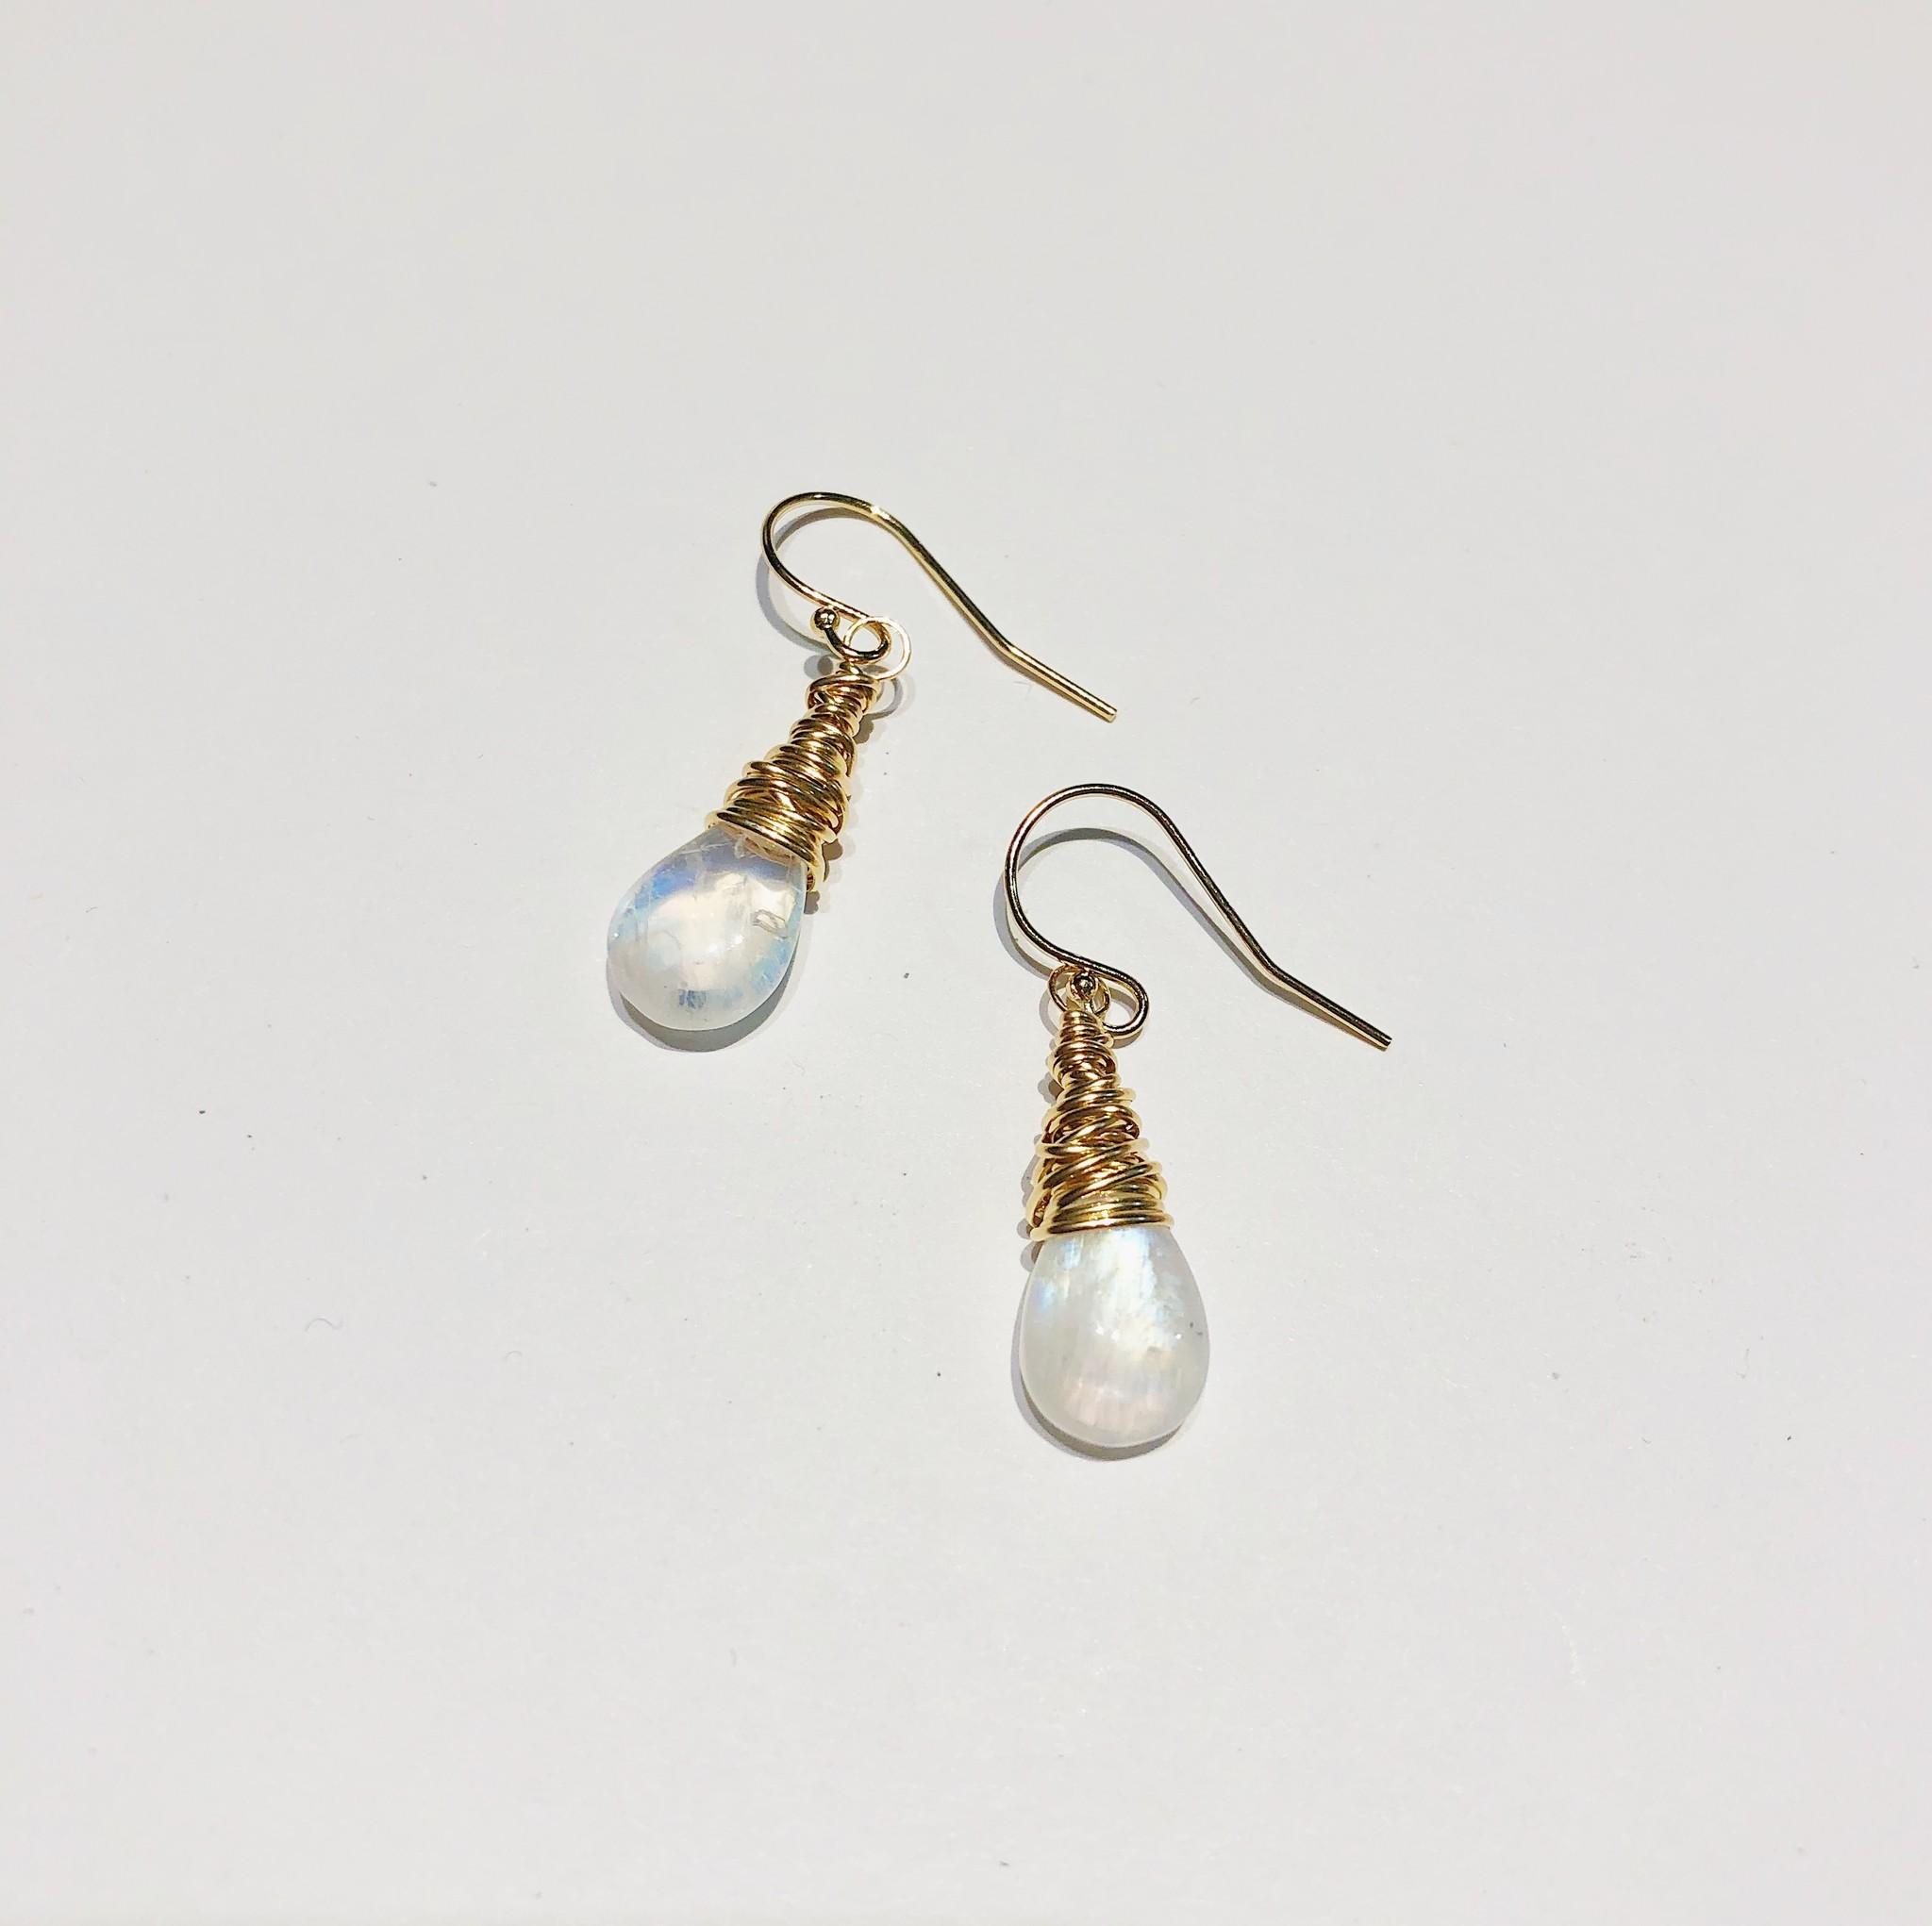 Dianne Rodger Gold Petal Earrings- Moonstone